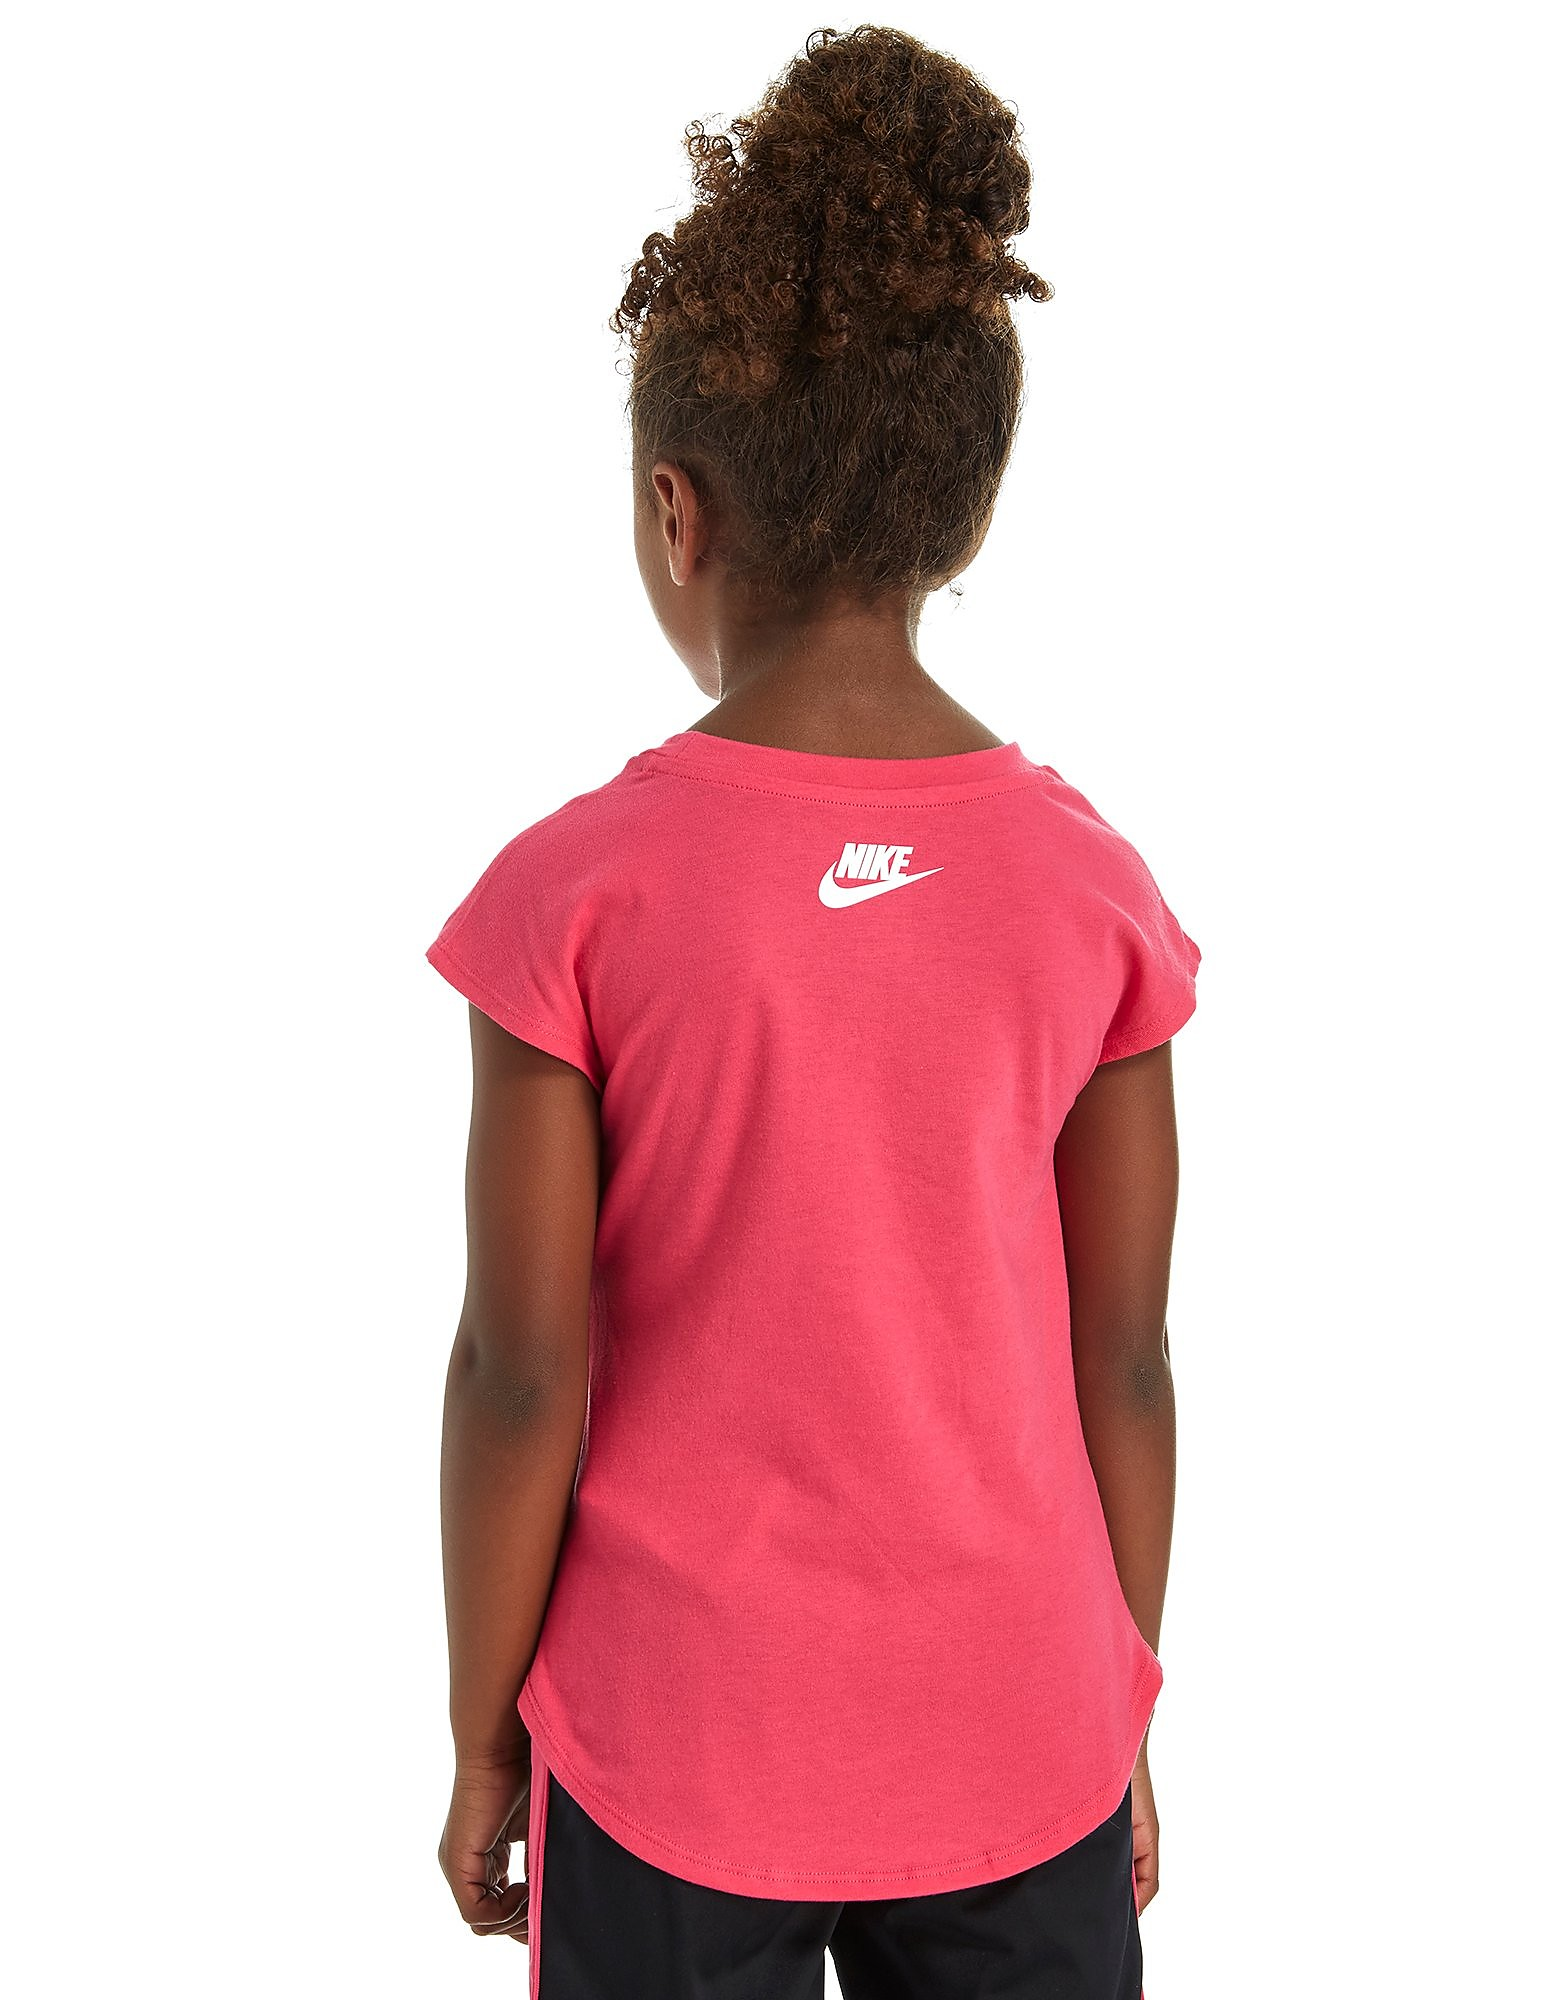 Nike Girls Futura T-Shirt Children